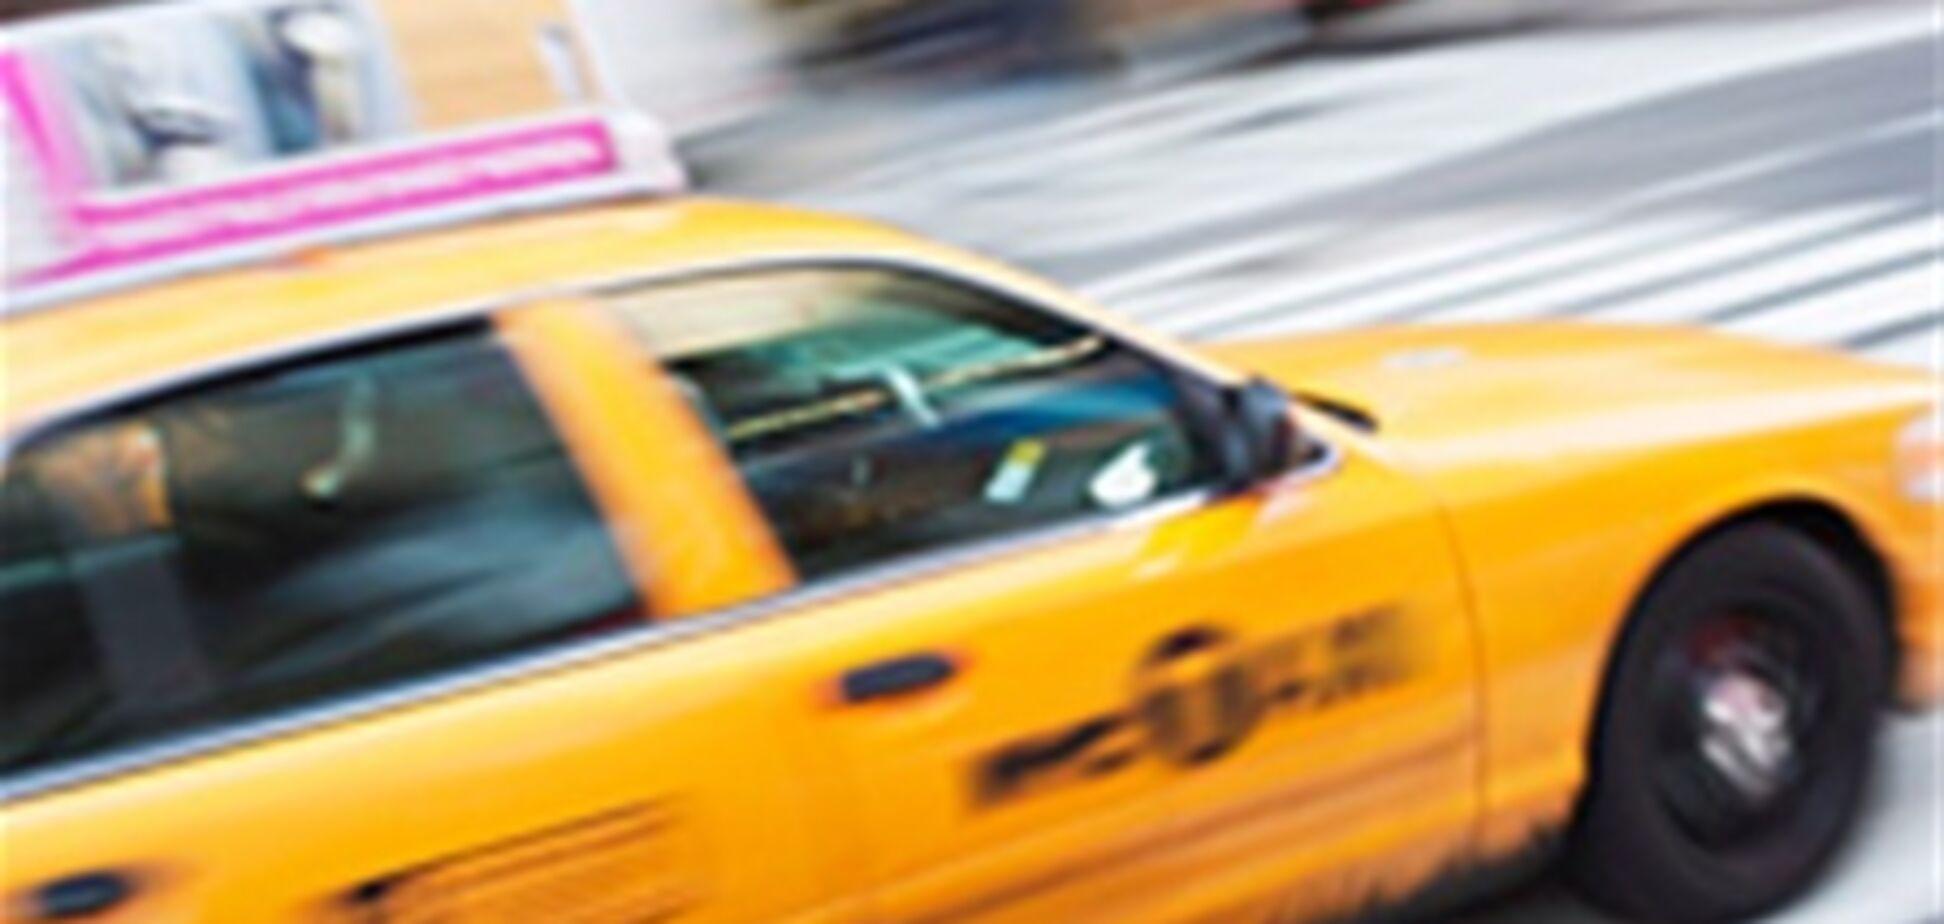 Таксист заработал за одну поездку 5 тысяч долларов